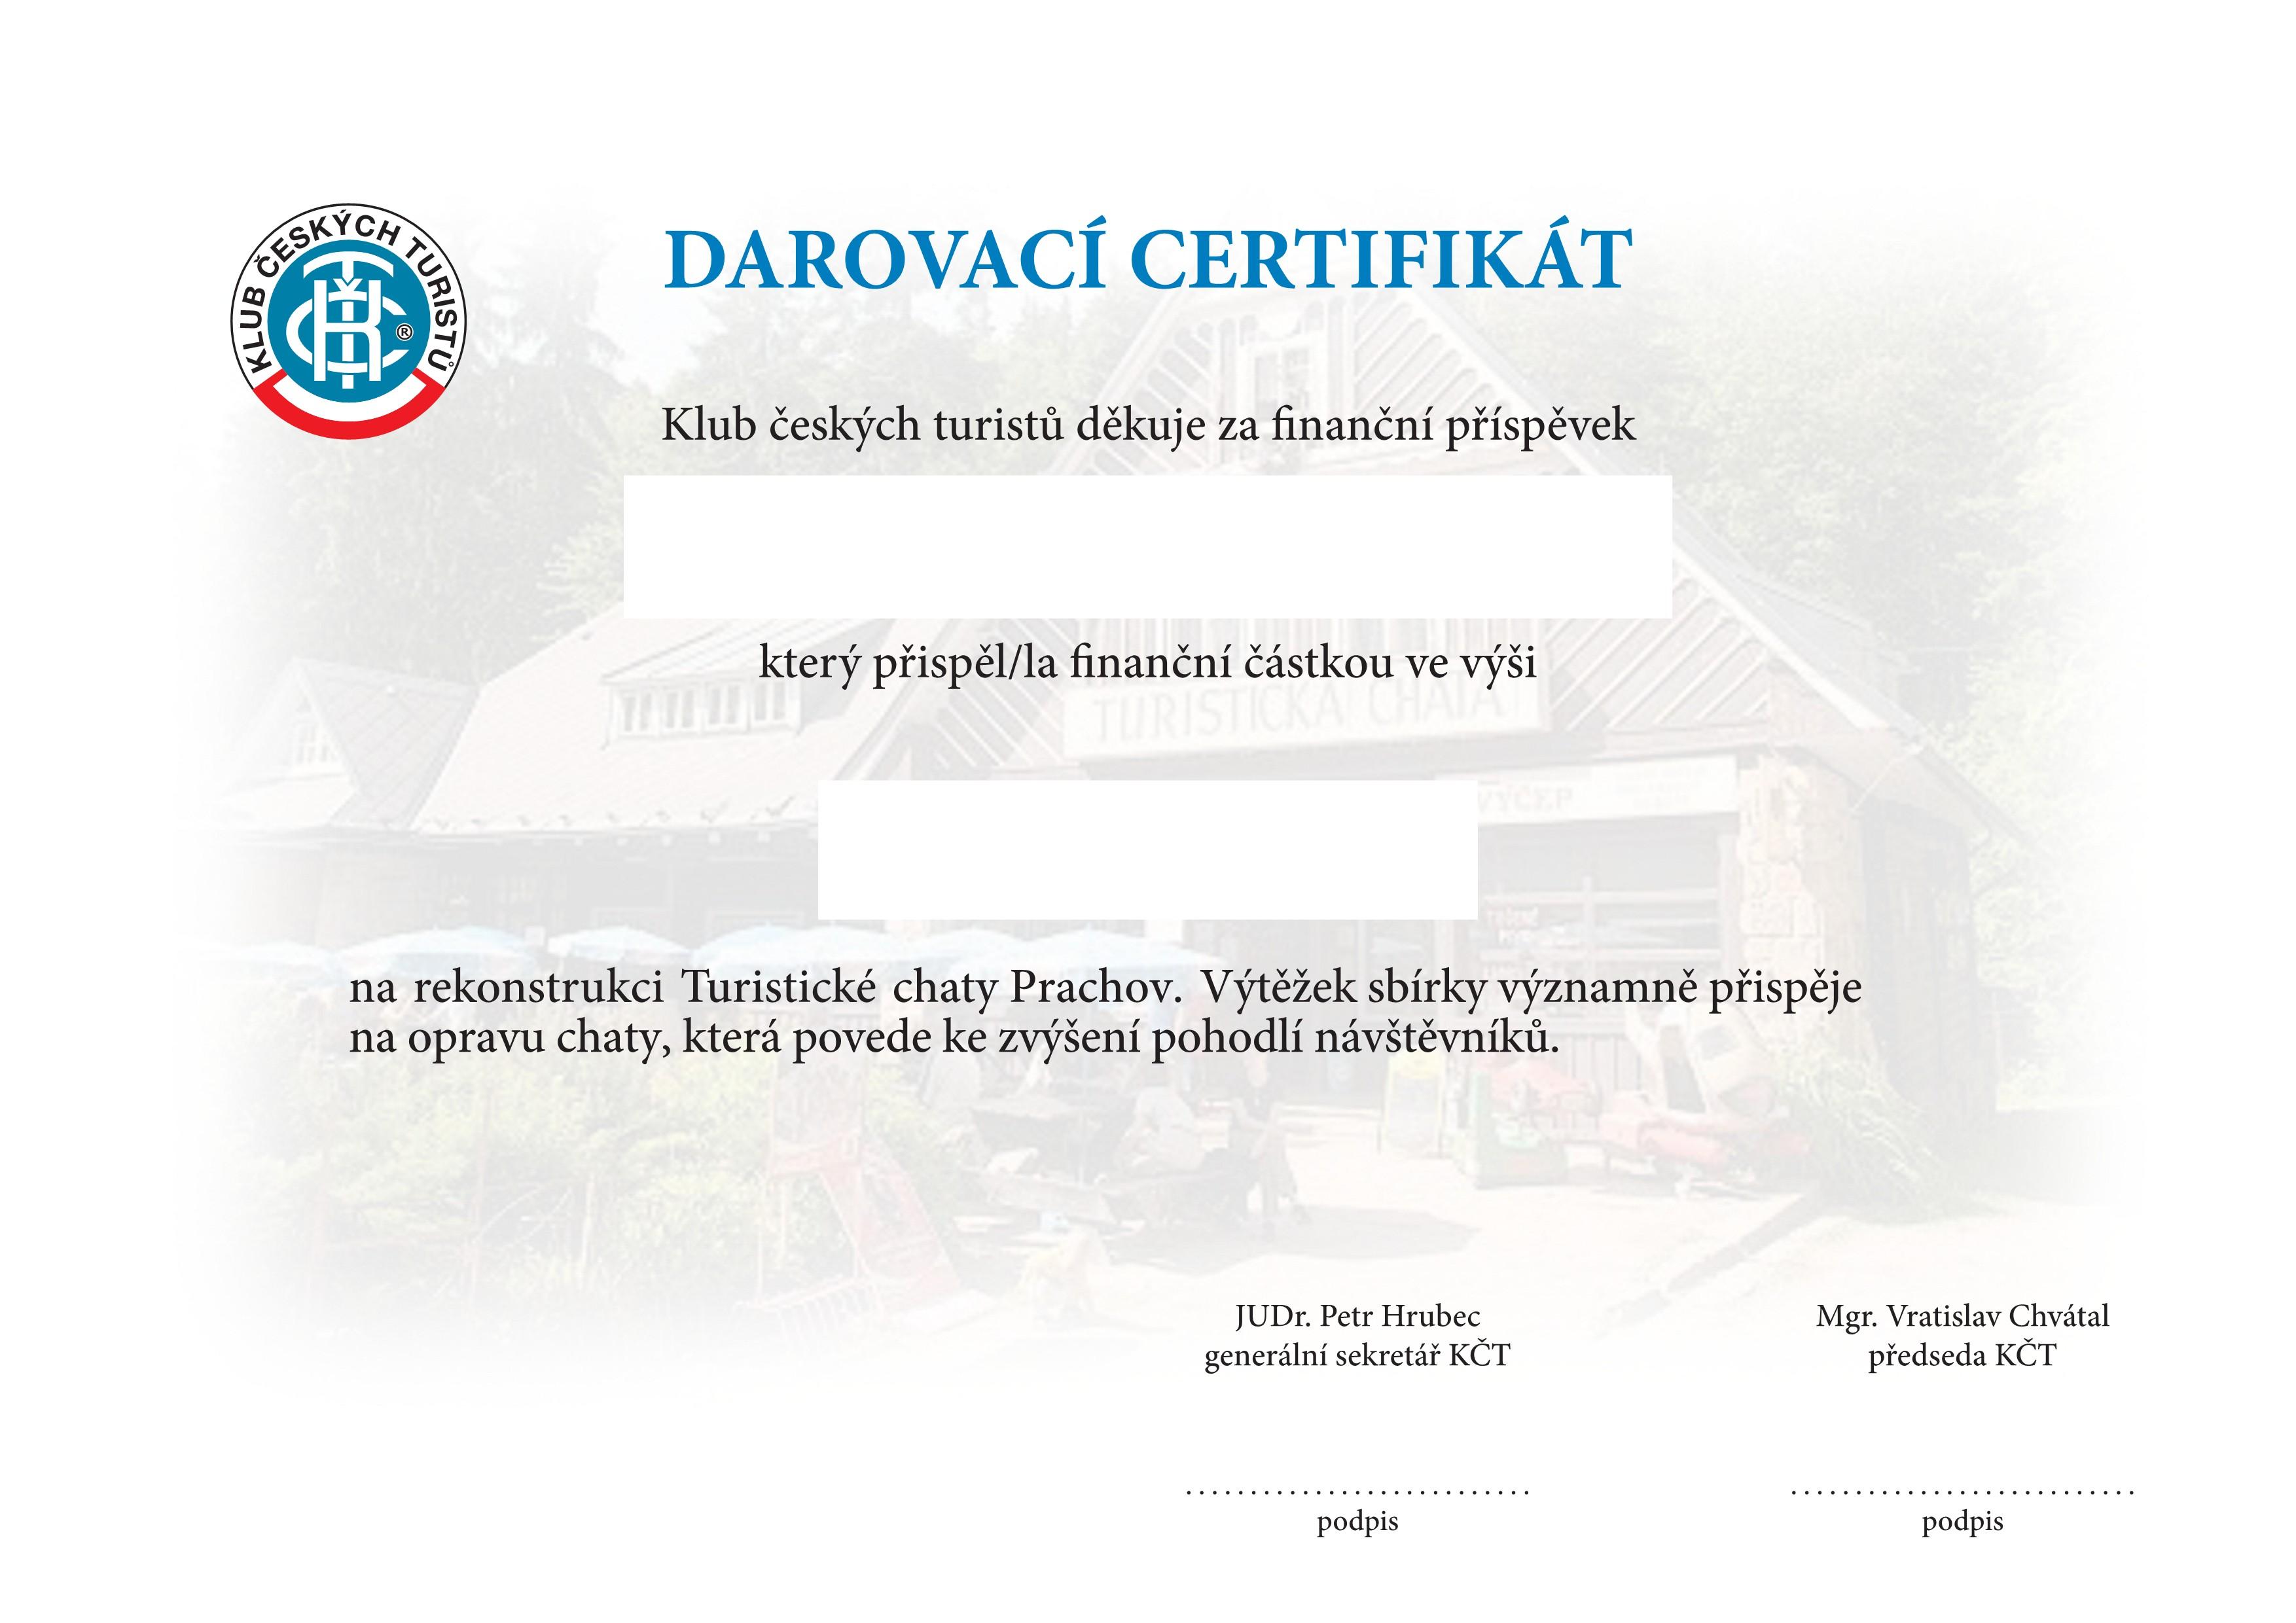 DAROVACI+CERTIFIKAT+PRACHOV+prázdný.pdf